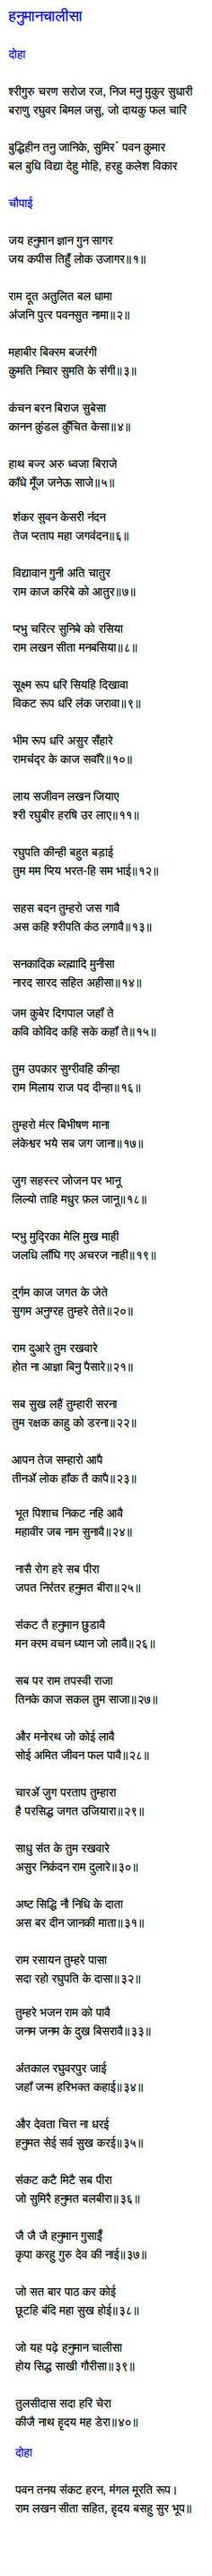 krishna chalisa lyrics in hindi pdf